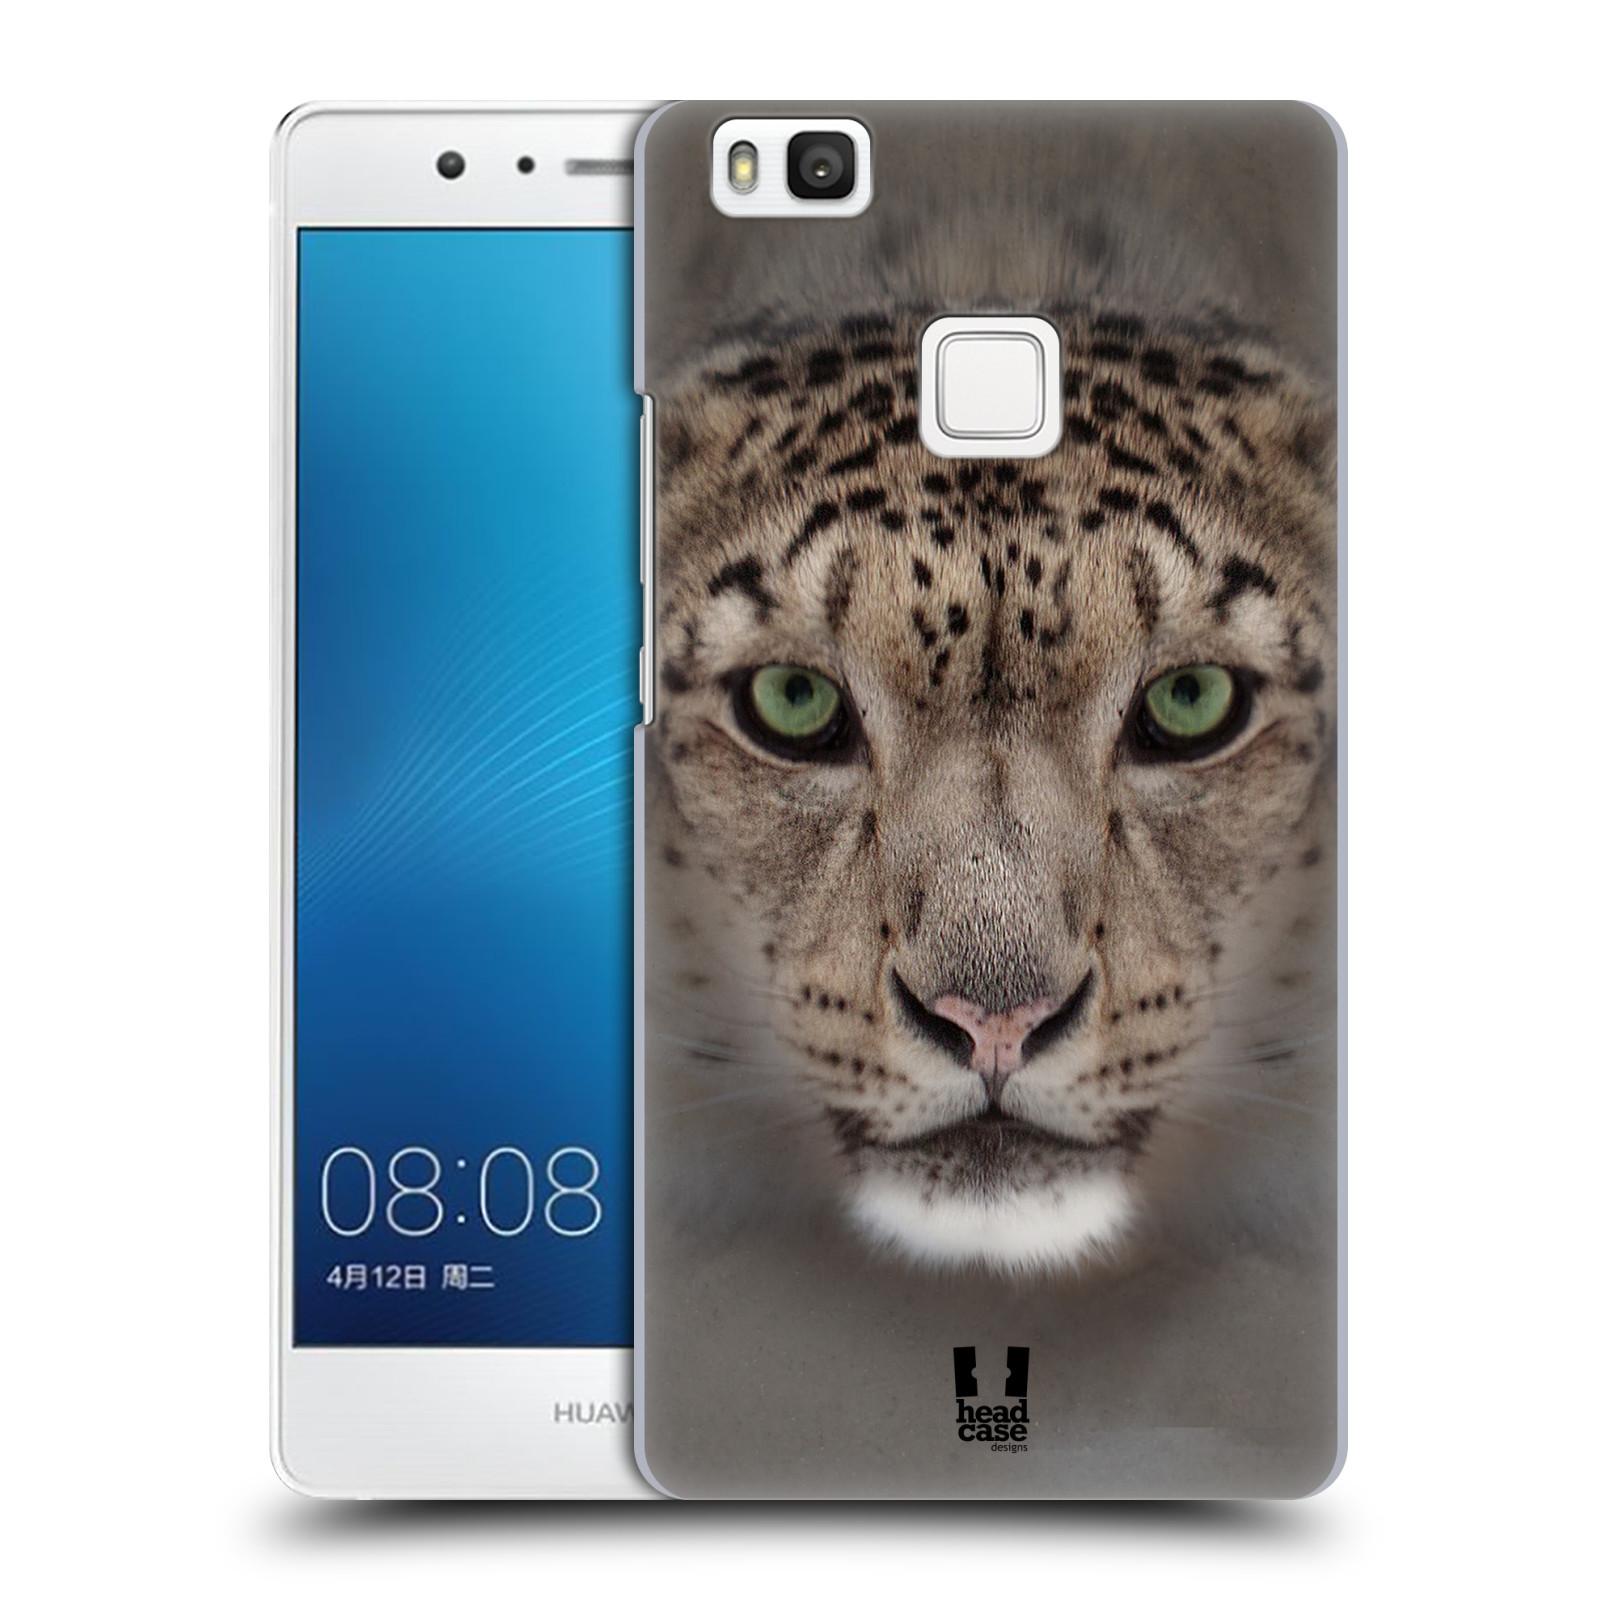 HEAD CASE plastový obal na mobil Huawei P9 LITE / P9 LITE DUAL SIM vzor Zvířecí tváře 2 sněžný leopard